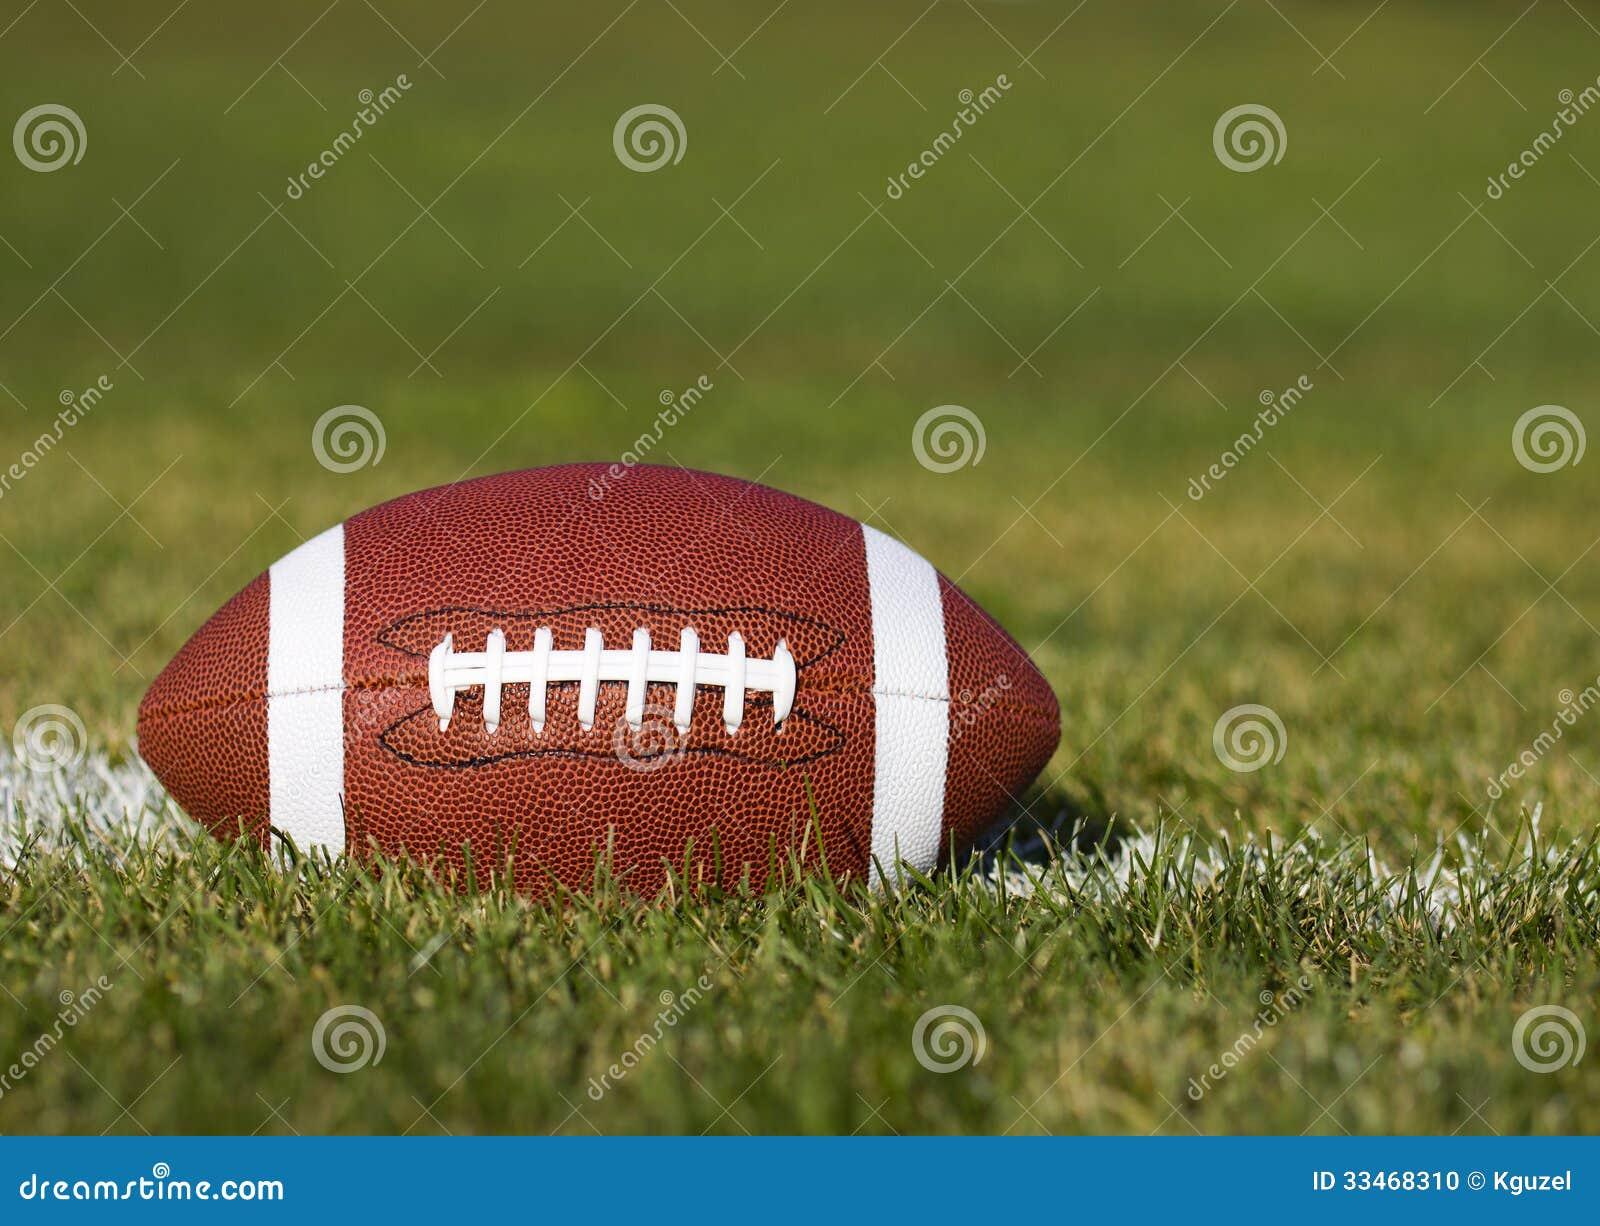 Amerikansk fotboll på fältet